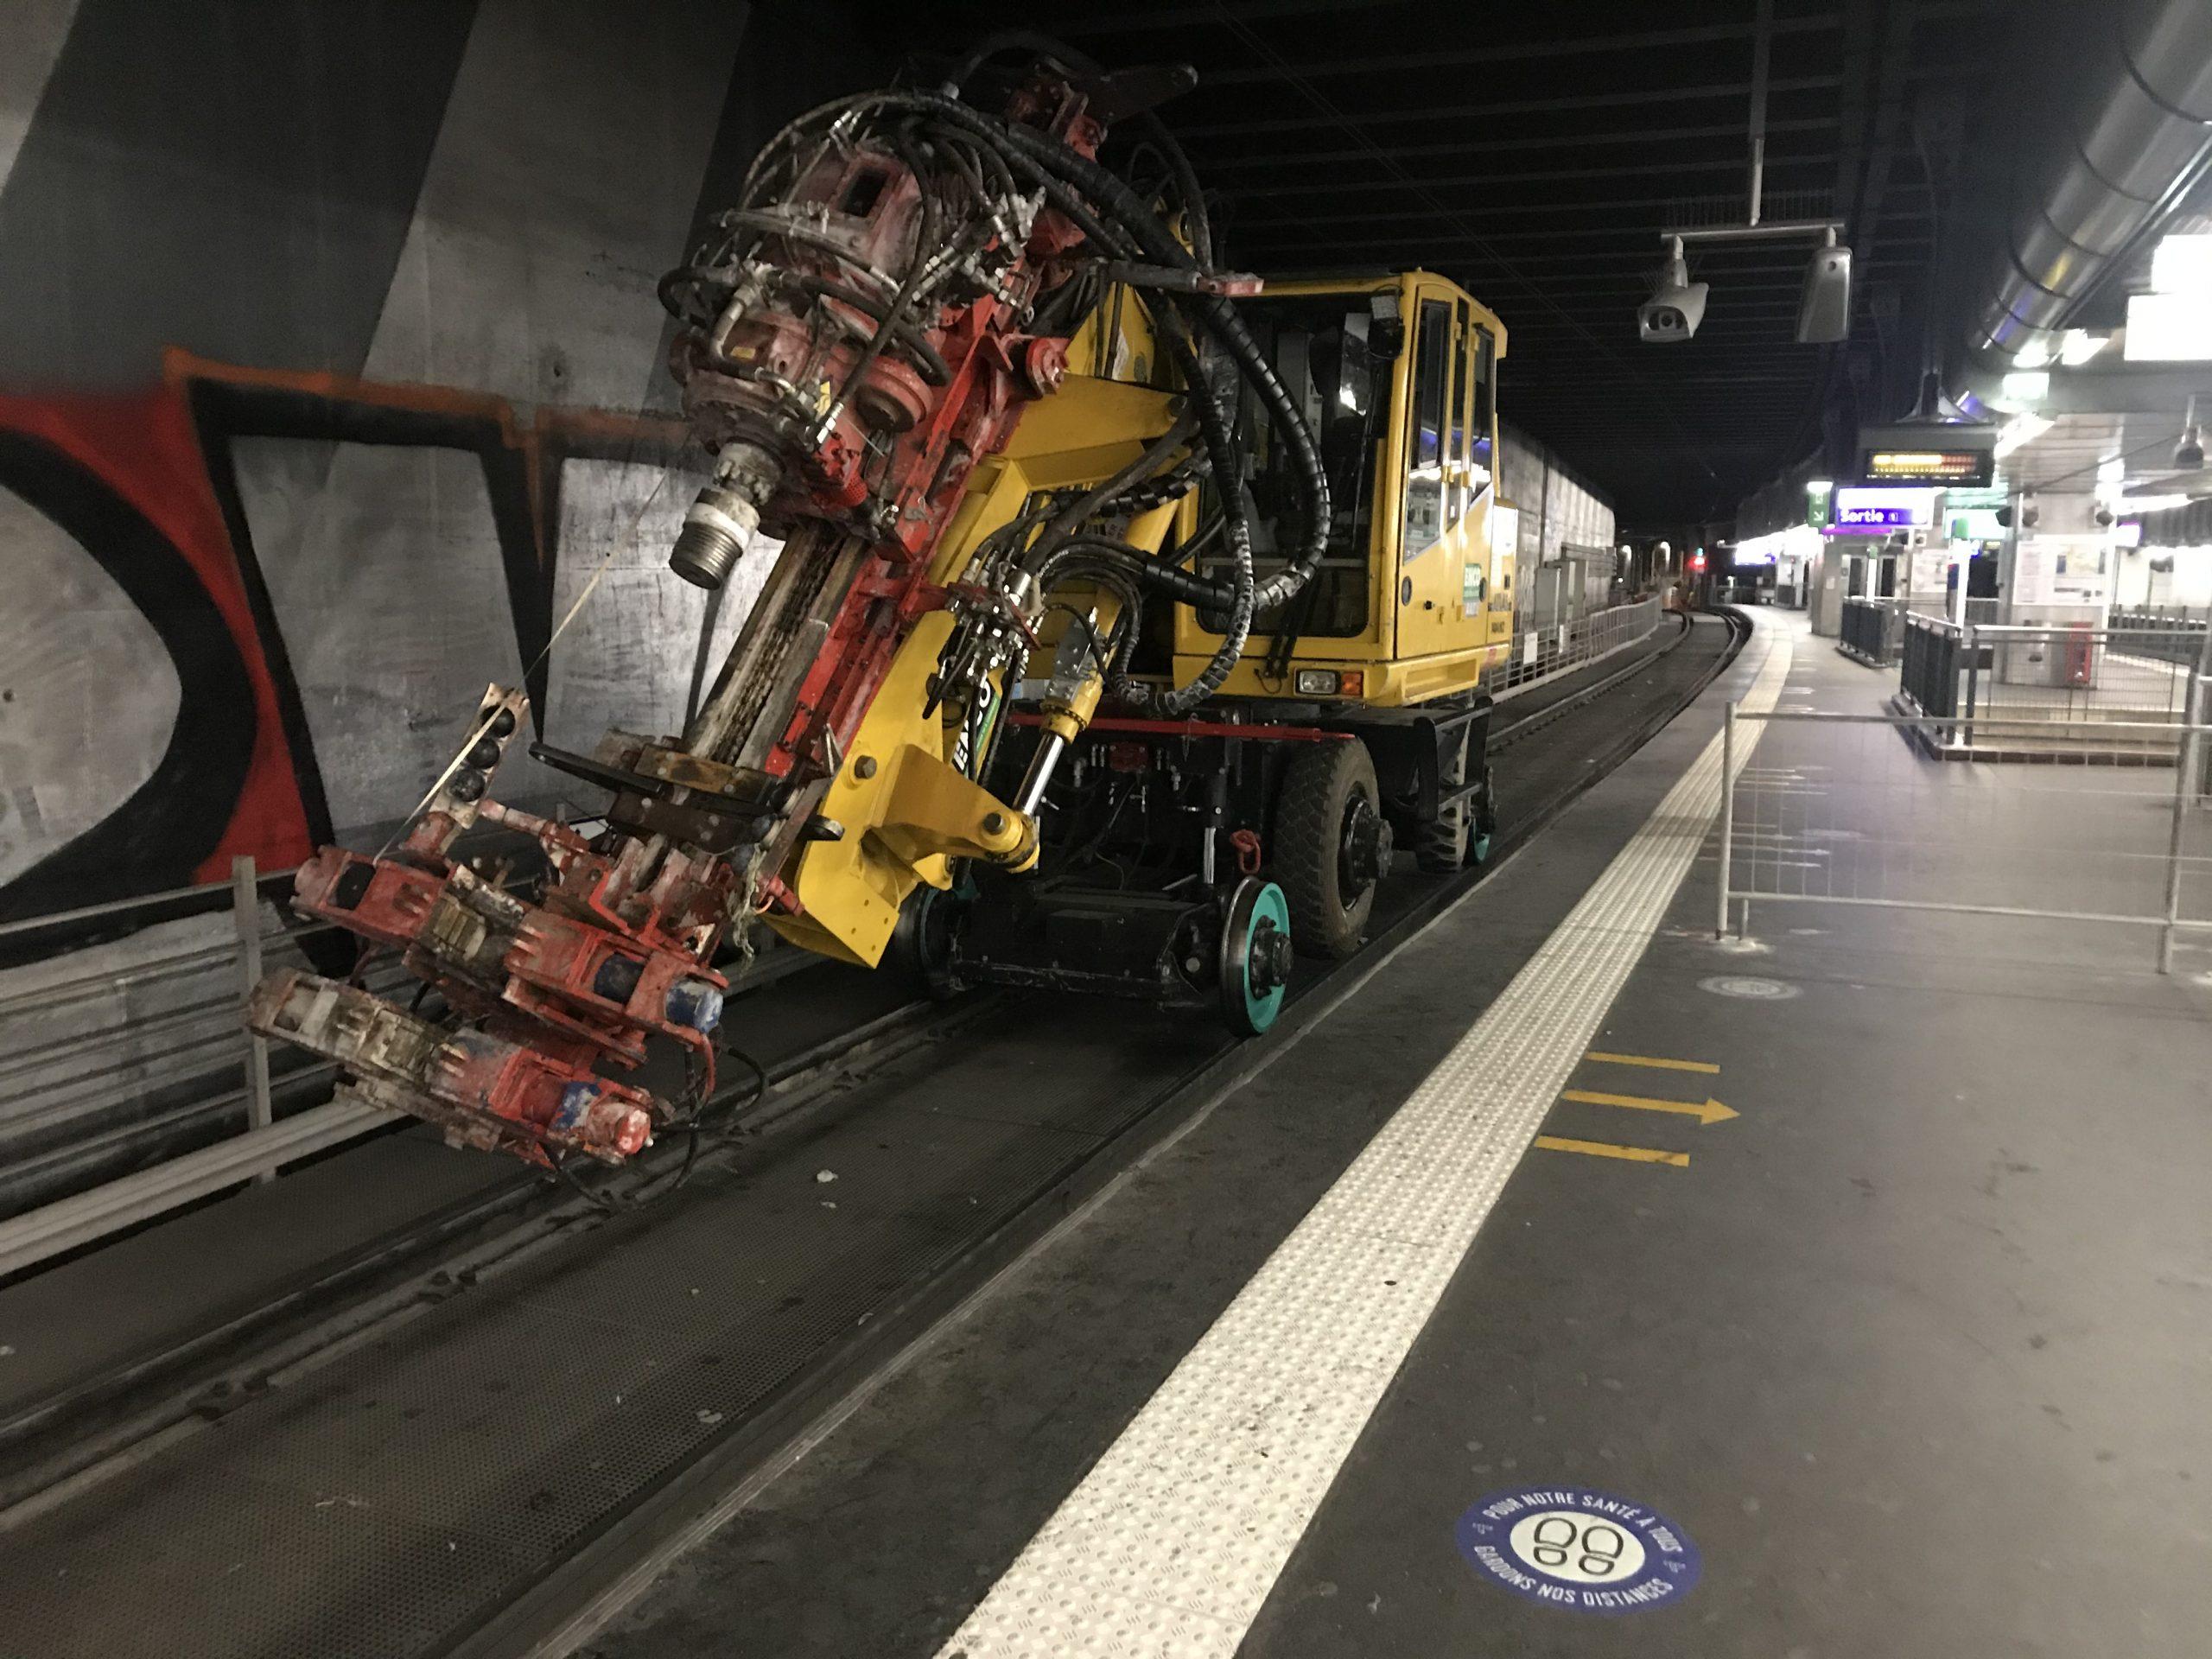 Engin sur les rails du tramway 2 pour travaux préparatoires de renforcement